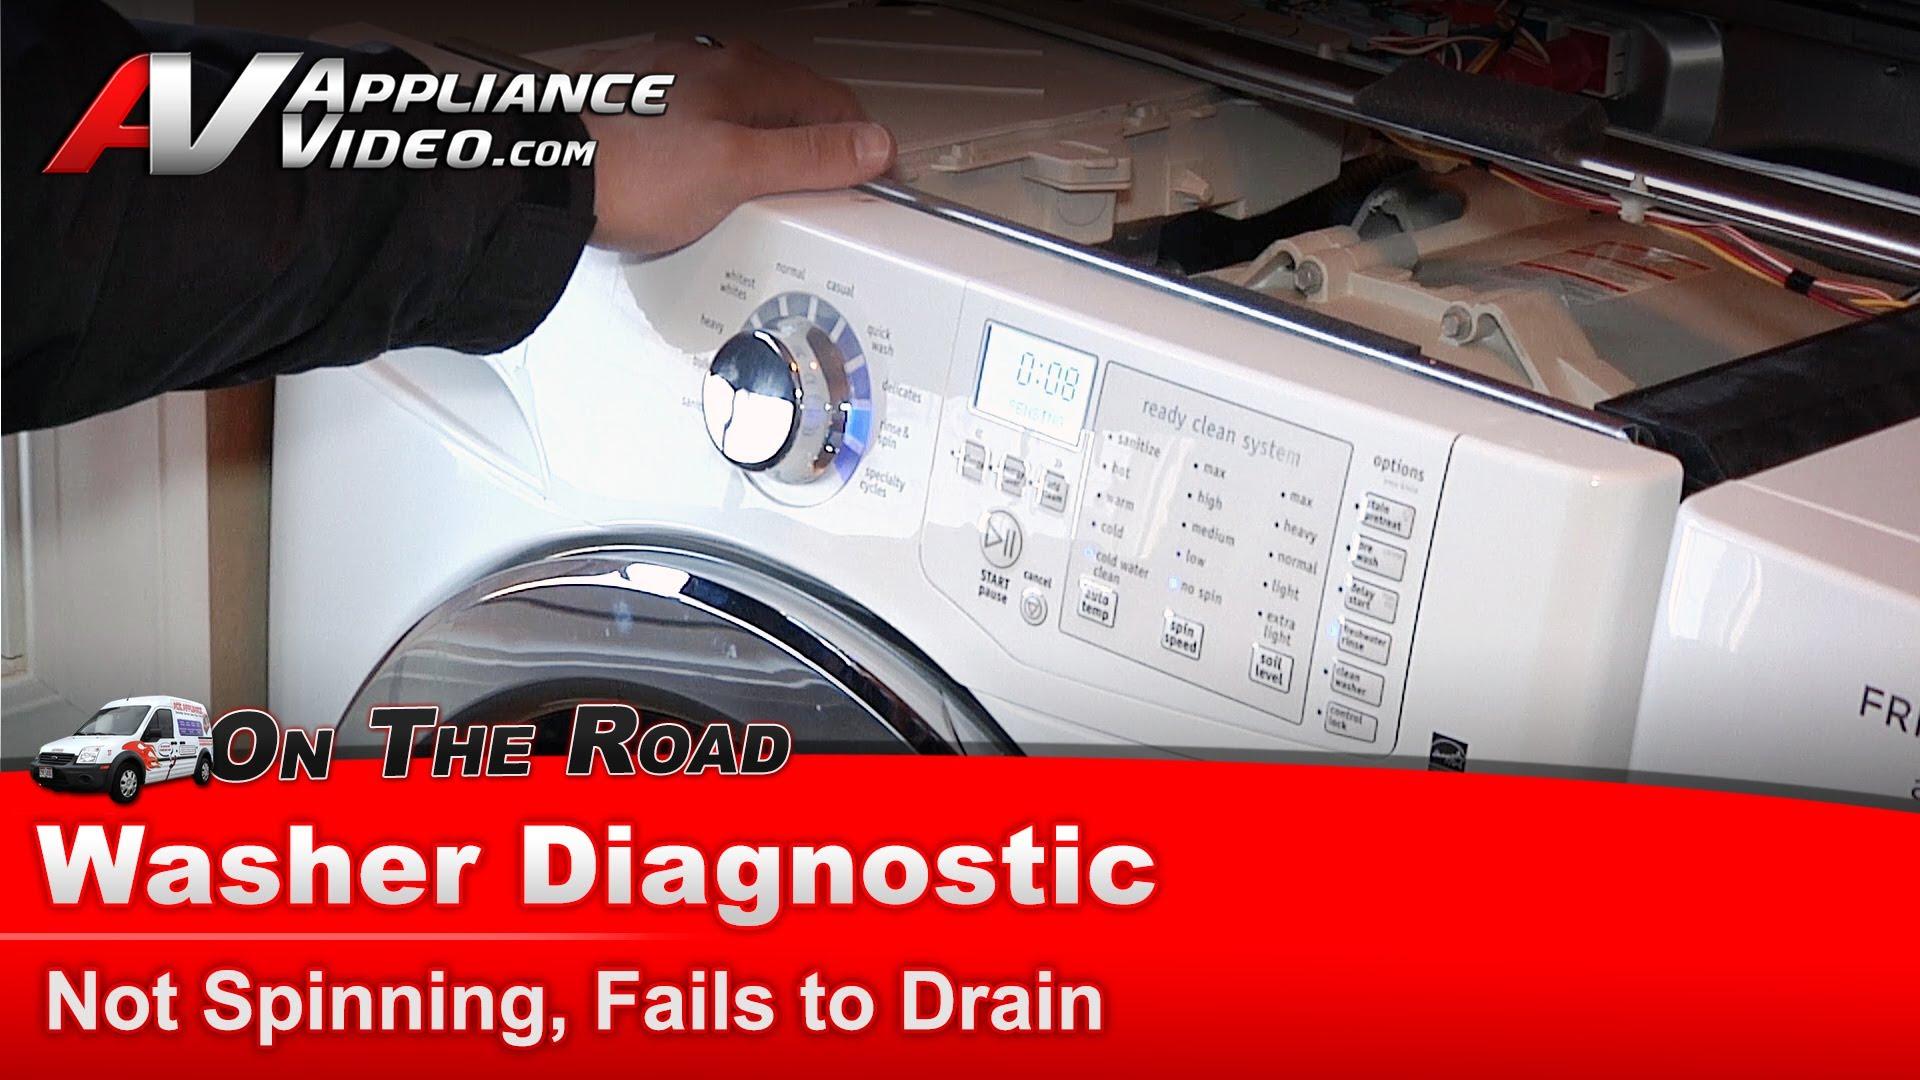 Frigidaire Fafs4474lwo Washer Diagnostic Has An Odd